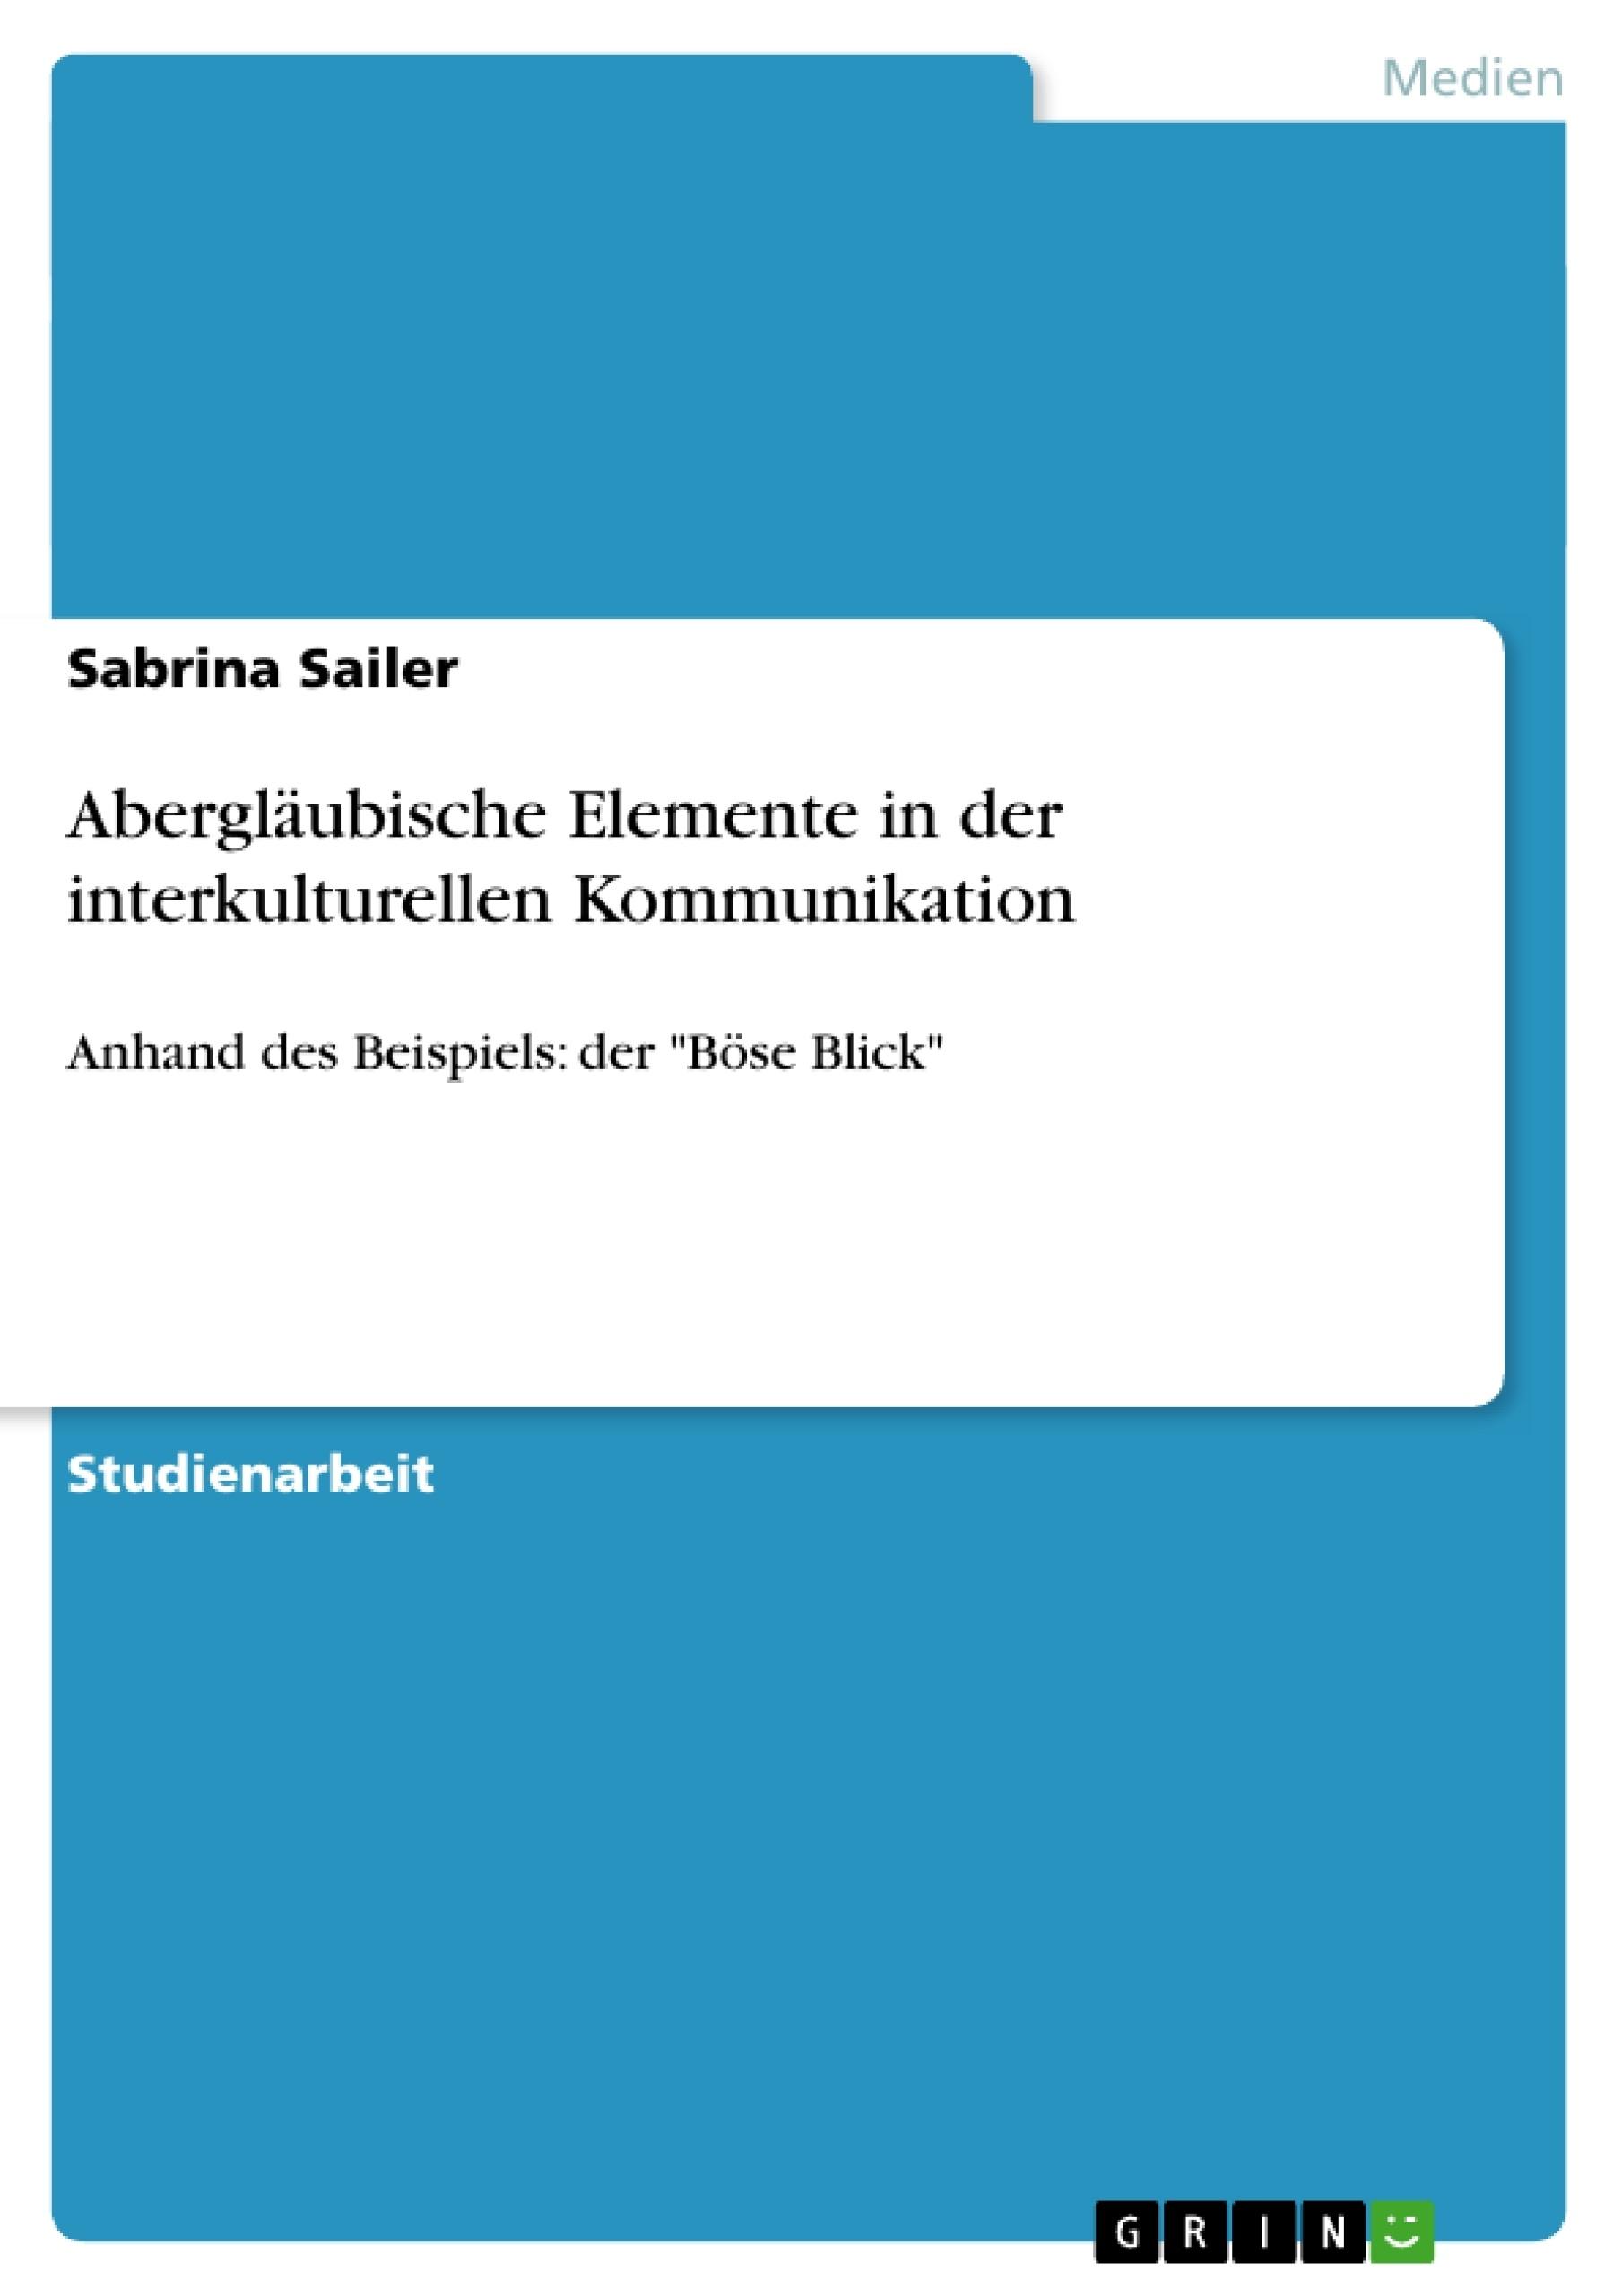 Titel: Abergläubische Elemente in der interkulturellen Kommunikation